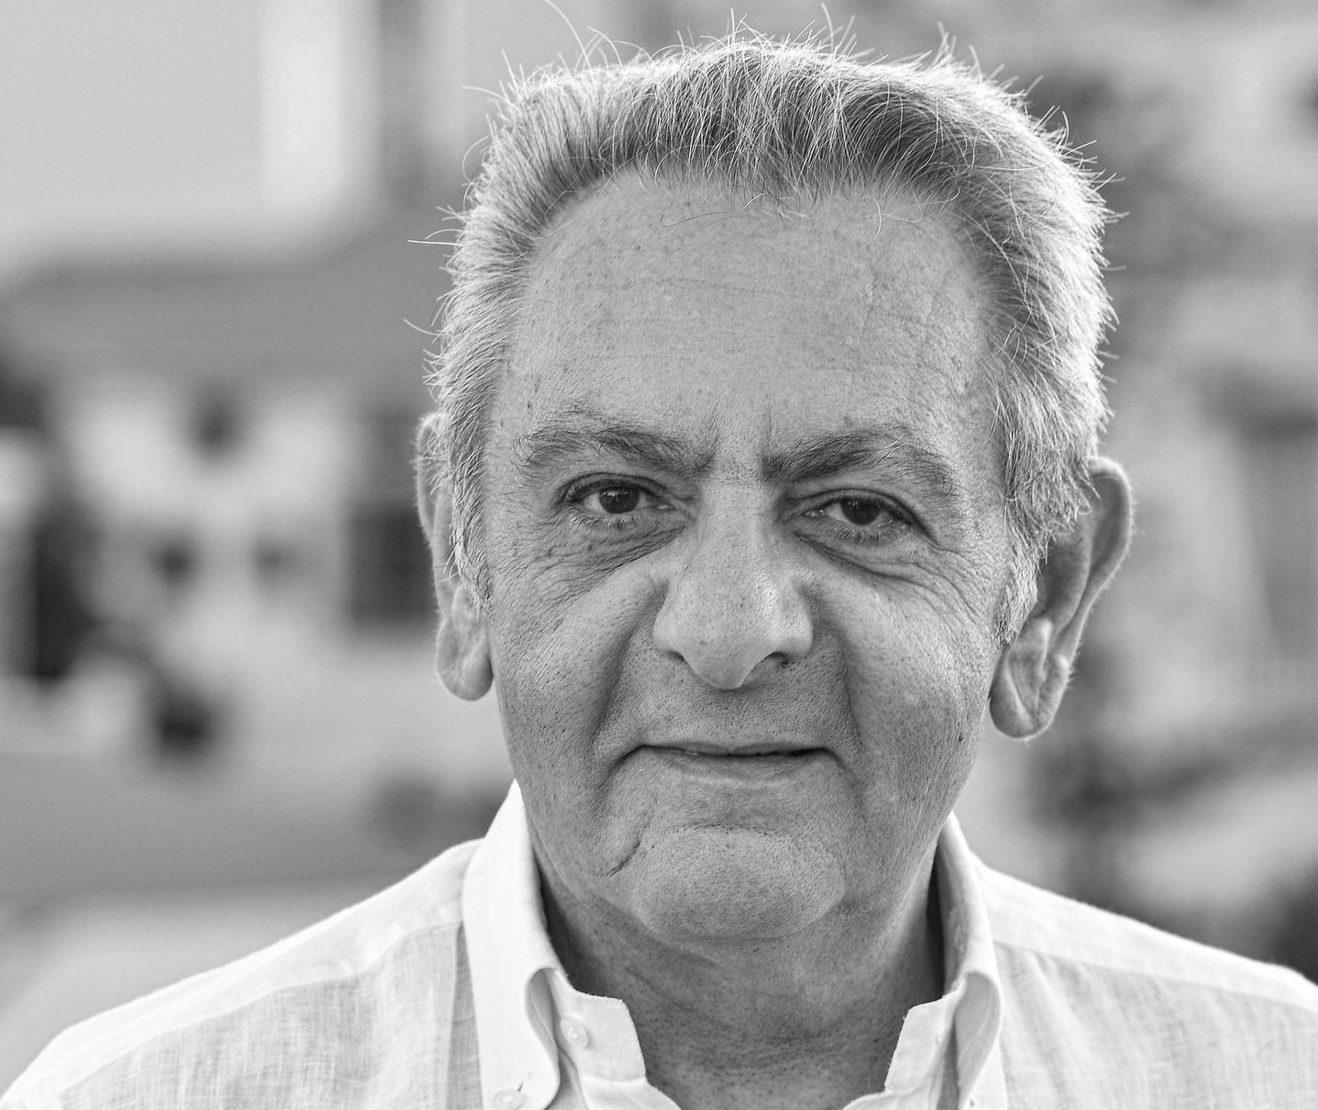 حازم صاغية - كاتب لبناني